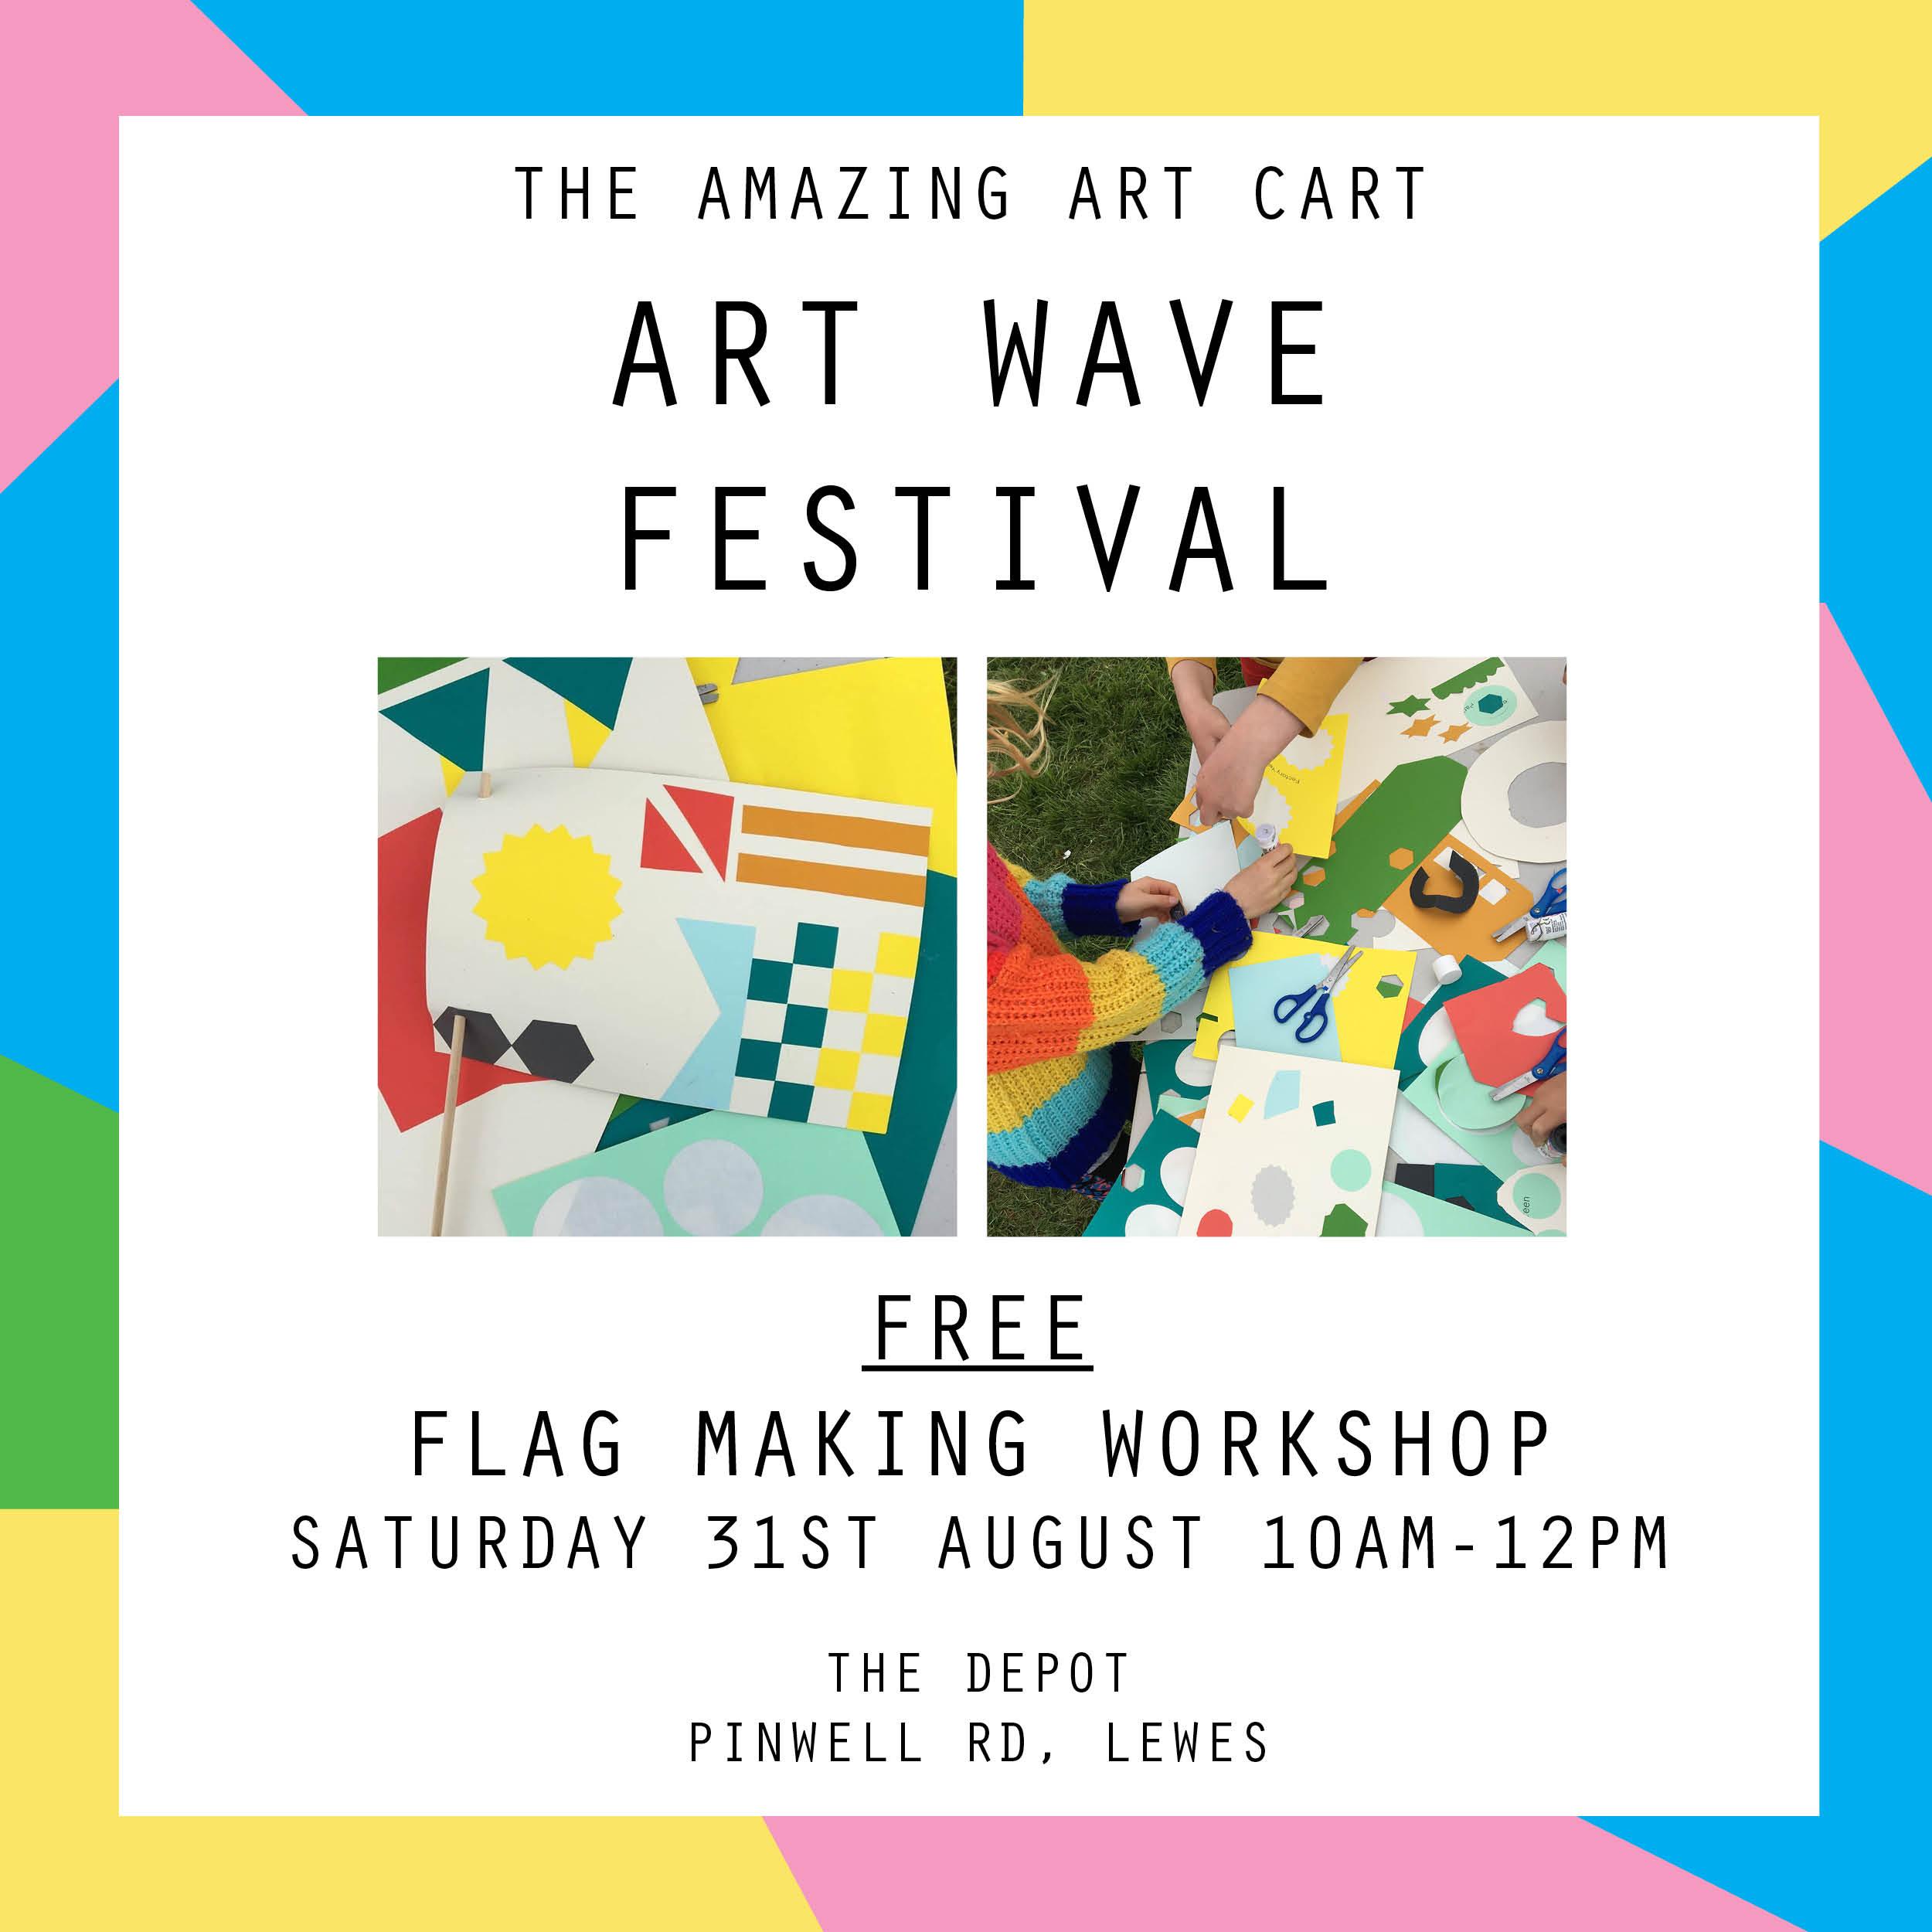 ART_WAVE_FESTIVAL.jpg